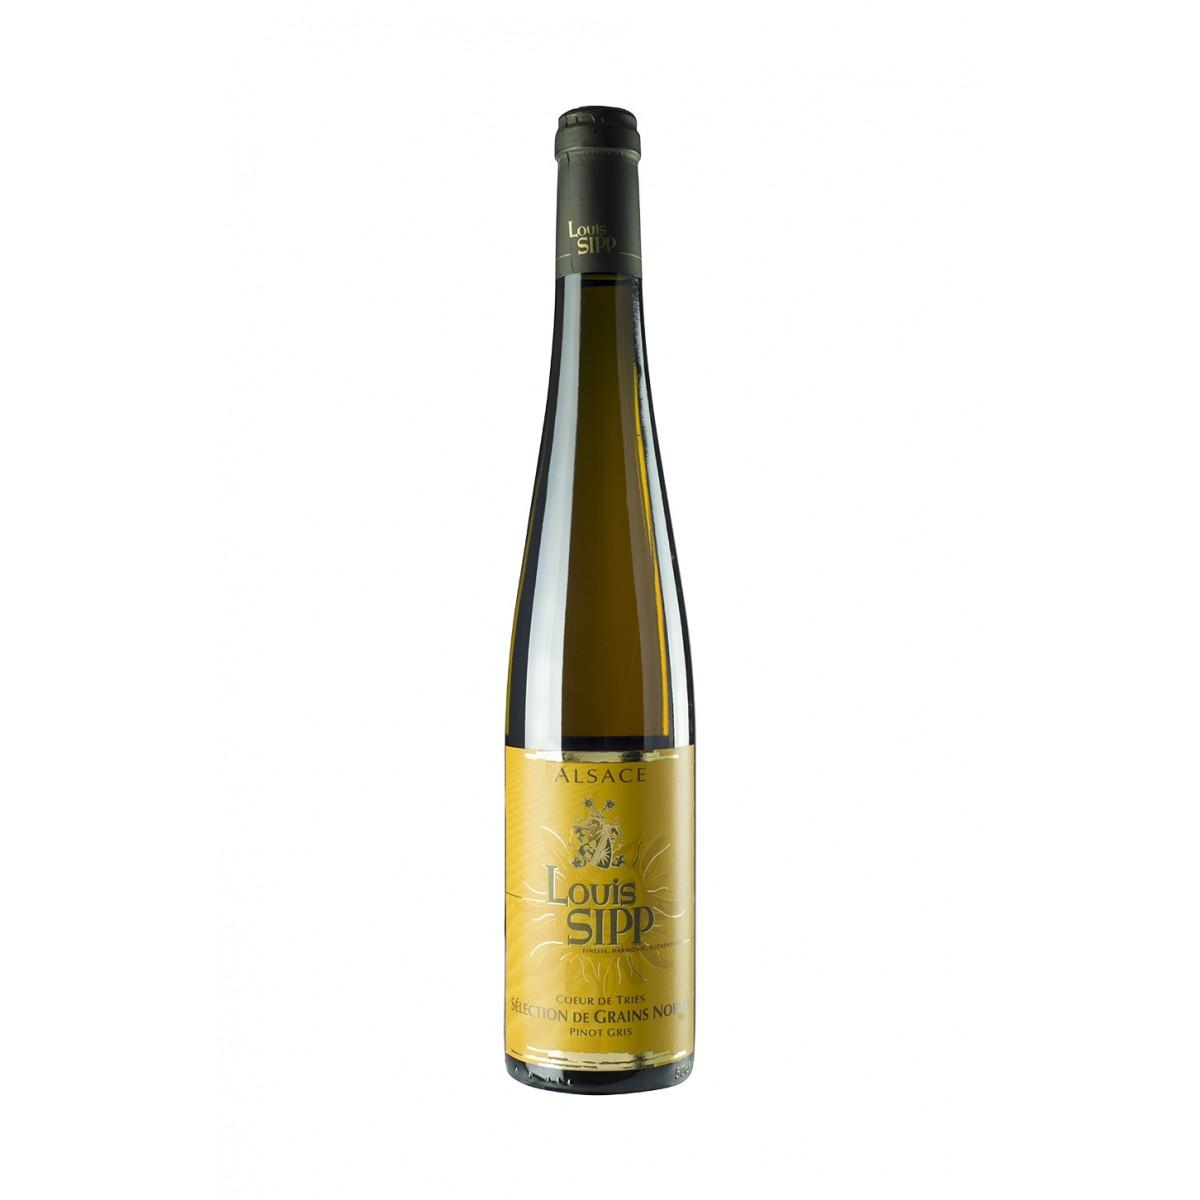 Pinot Gris Sel. de Grains Nobles 'Coeur de Tries' 2008 - Louis Sipp